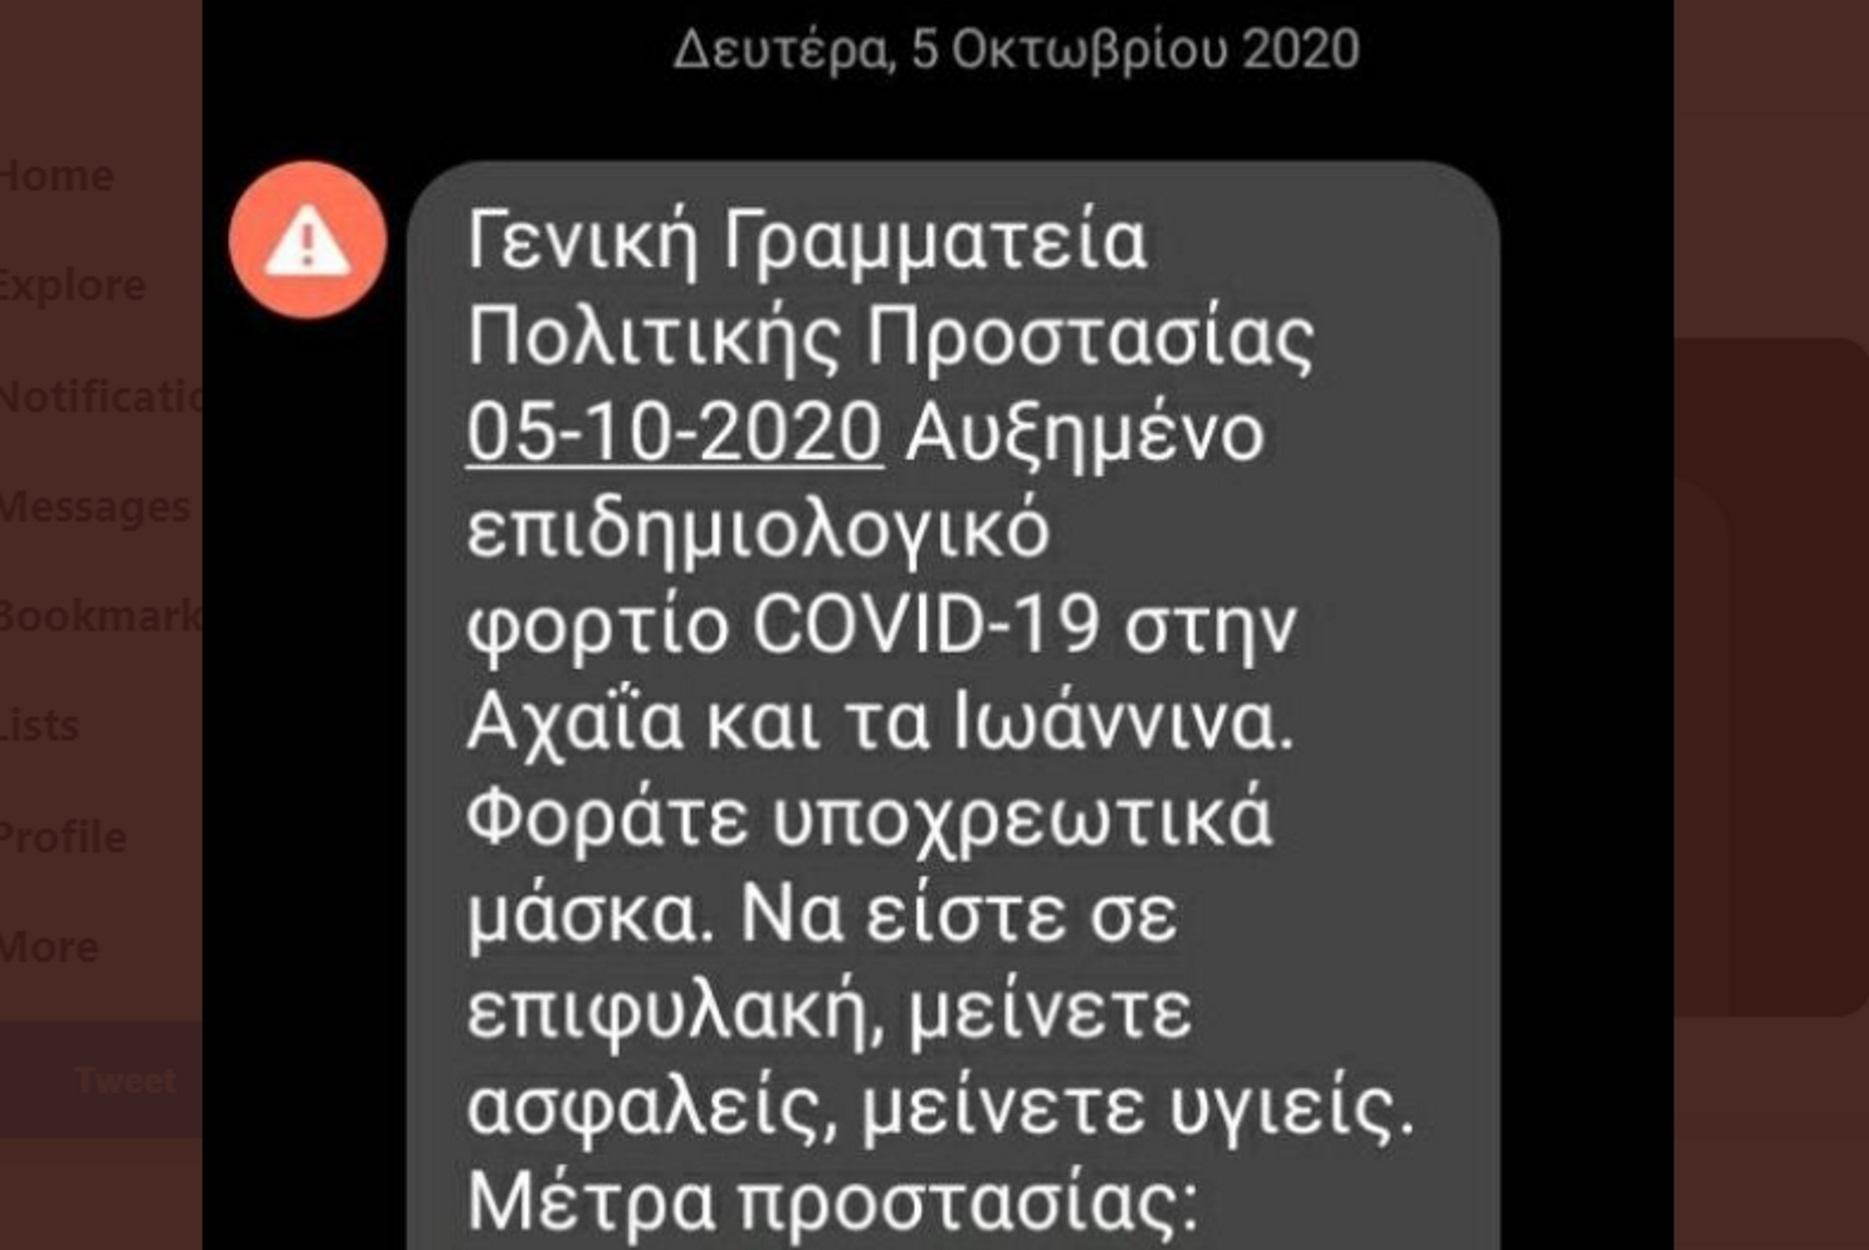 ALERT: Μήνυμα από το 112 σε Αχαΐα και Ιωάννινα για τα νέα μέτρα